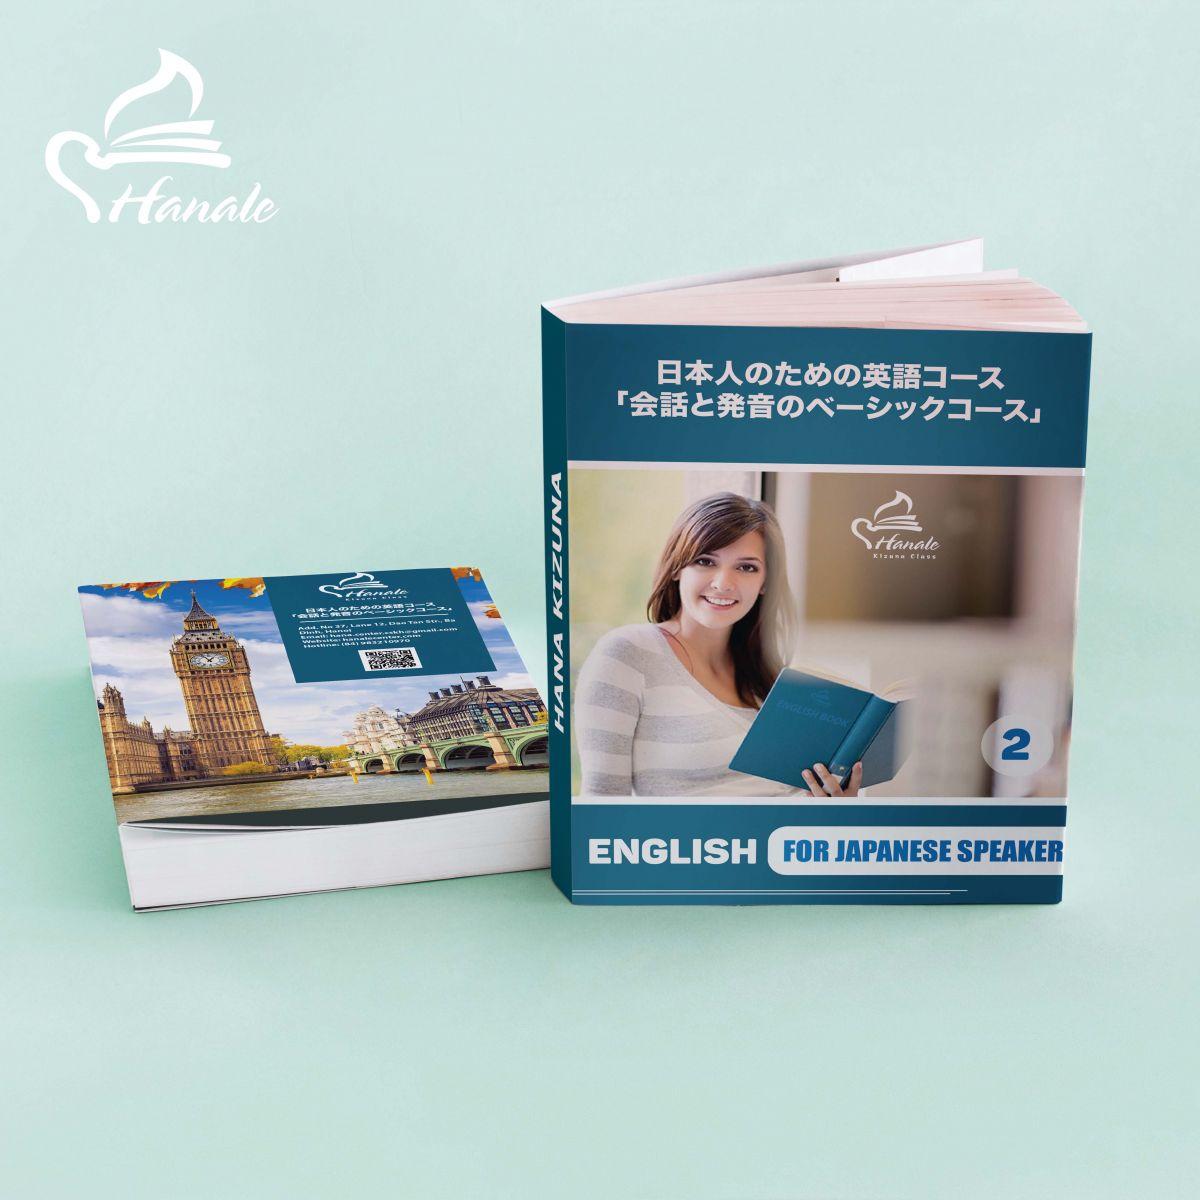 日本人のための英語コース  「会話と発音のベーシックコース」